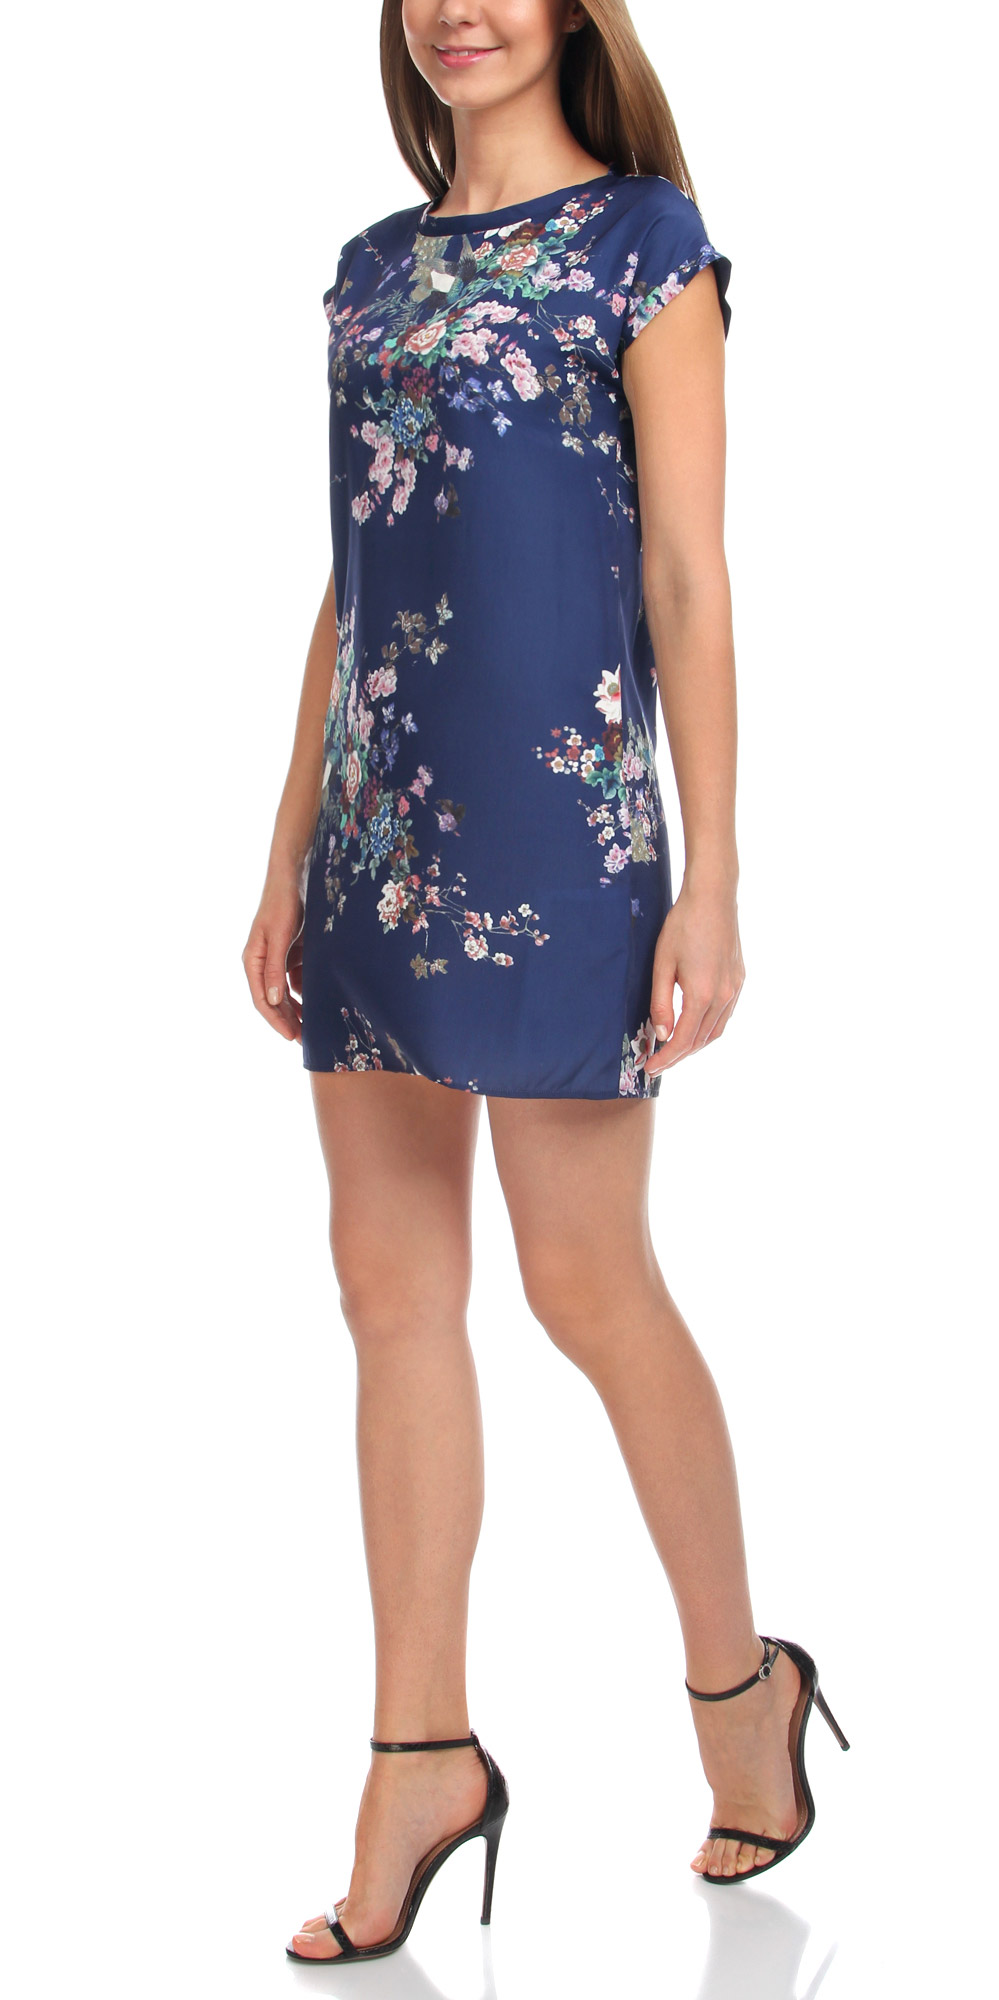 Платье oodji Collection, цвет: темно-синий, мультиколор. 21911019/35173/7919F. Размер 42-170 (48-170)21911019/35173/7919FМодное платье oodji Collection станет отличным дополнением к вашему гардеробу. Модель выполнена из качественного полиэстера. Платье-мини с круглым вырезом горловины и короткими цельнокроеными рукавами не имеет застежки. Оформлена модель принтом в восточном стиле.